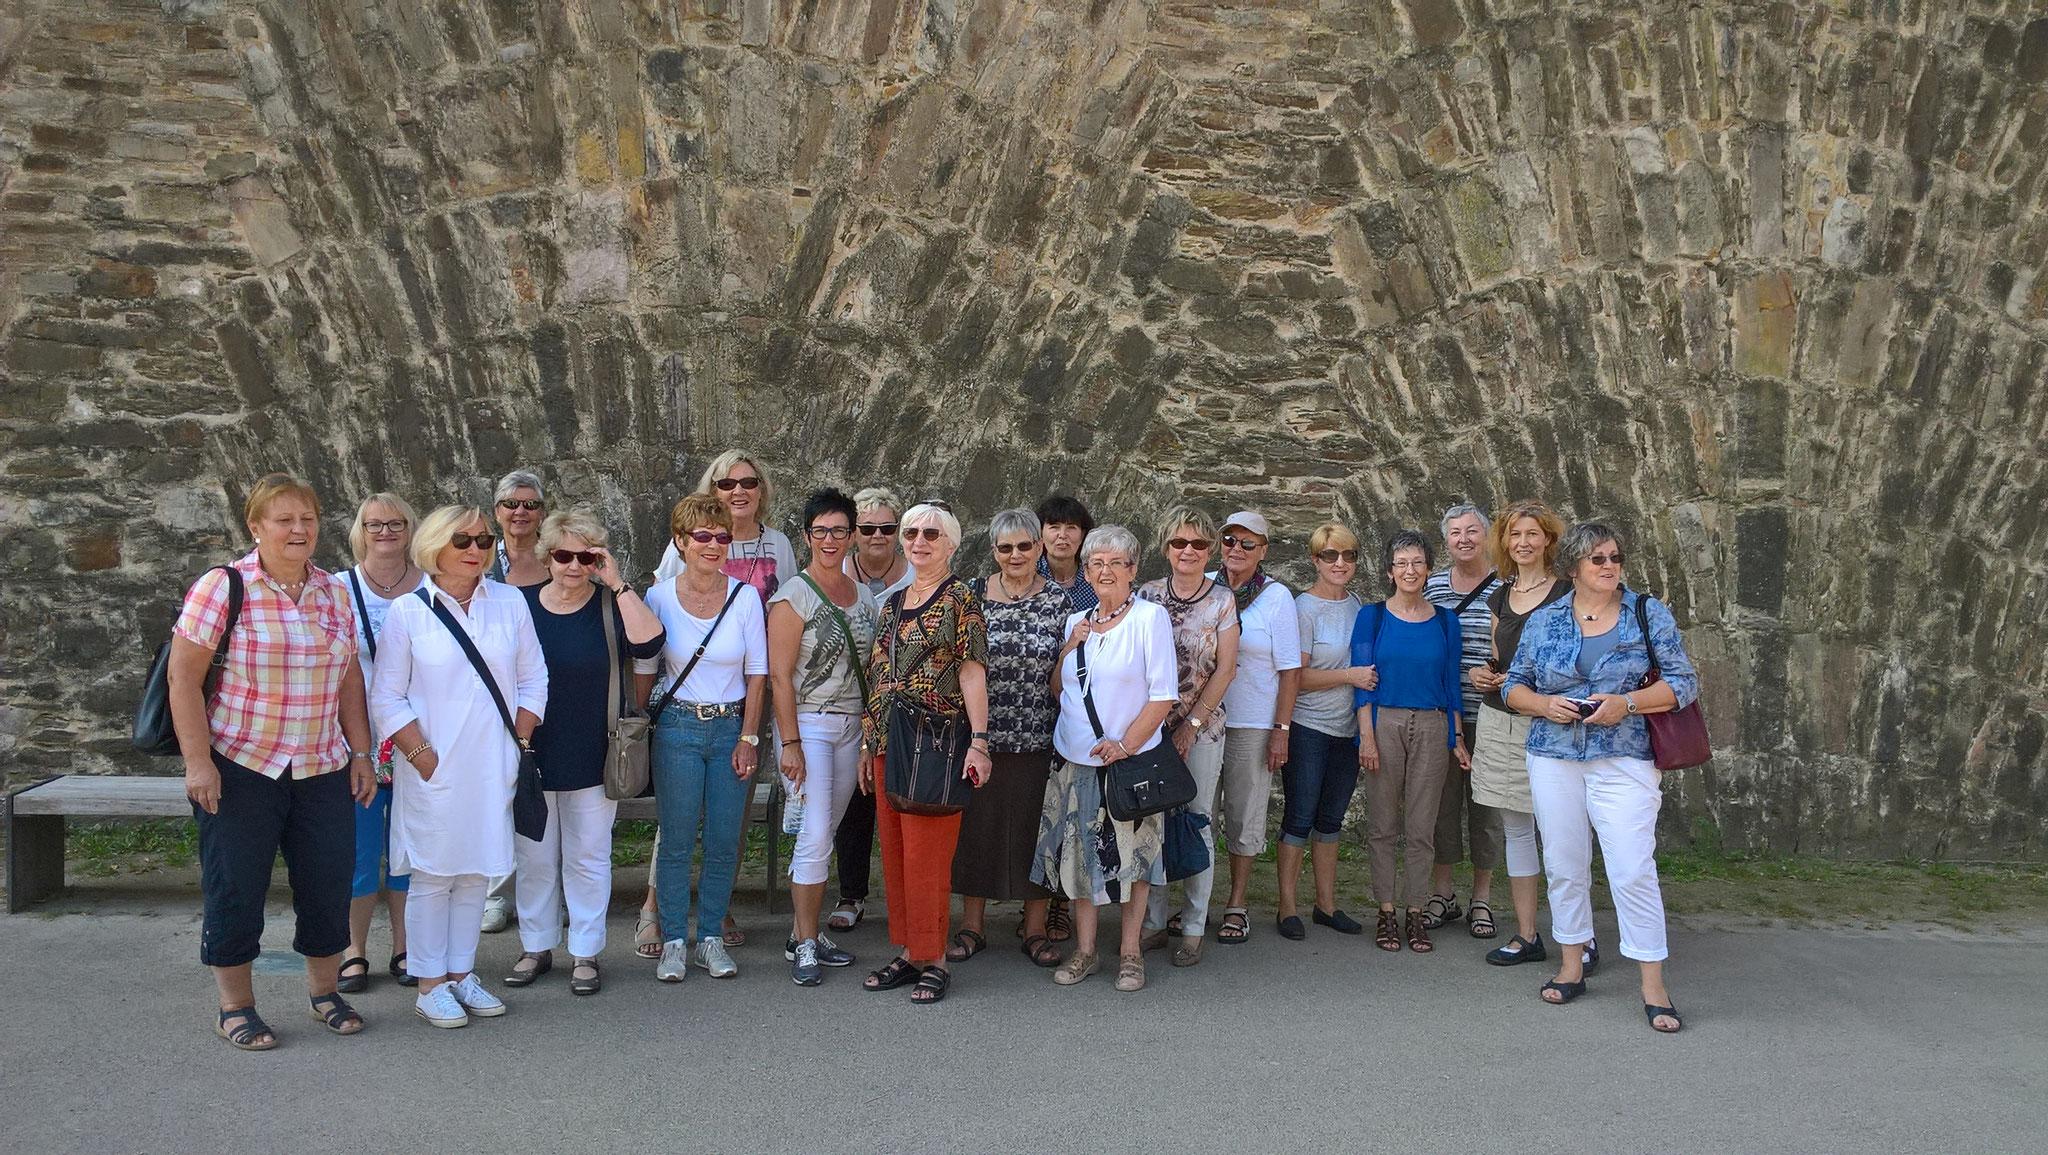 Auf der Festung Ehrenbreitenstein